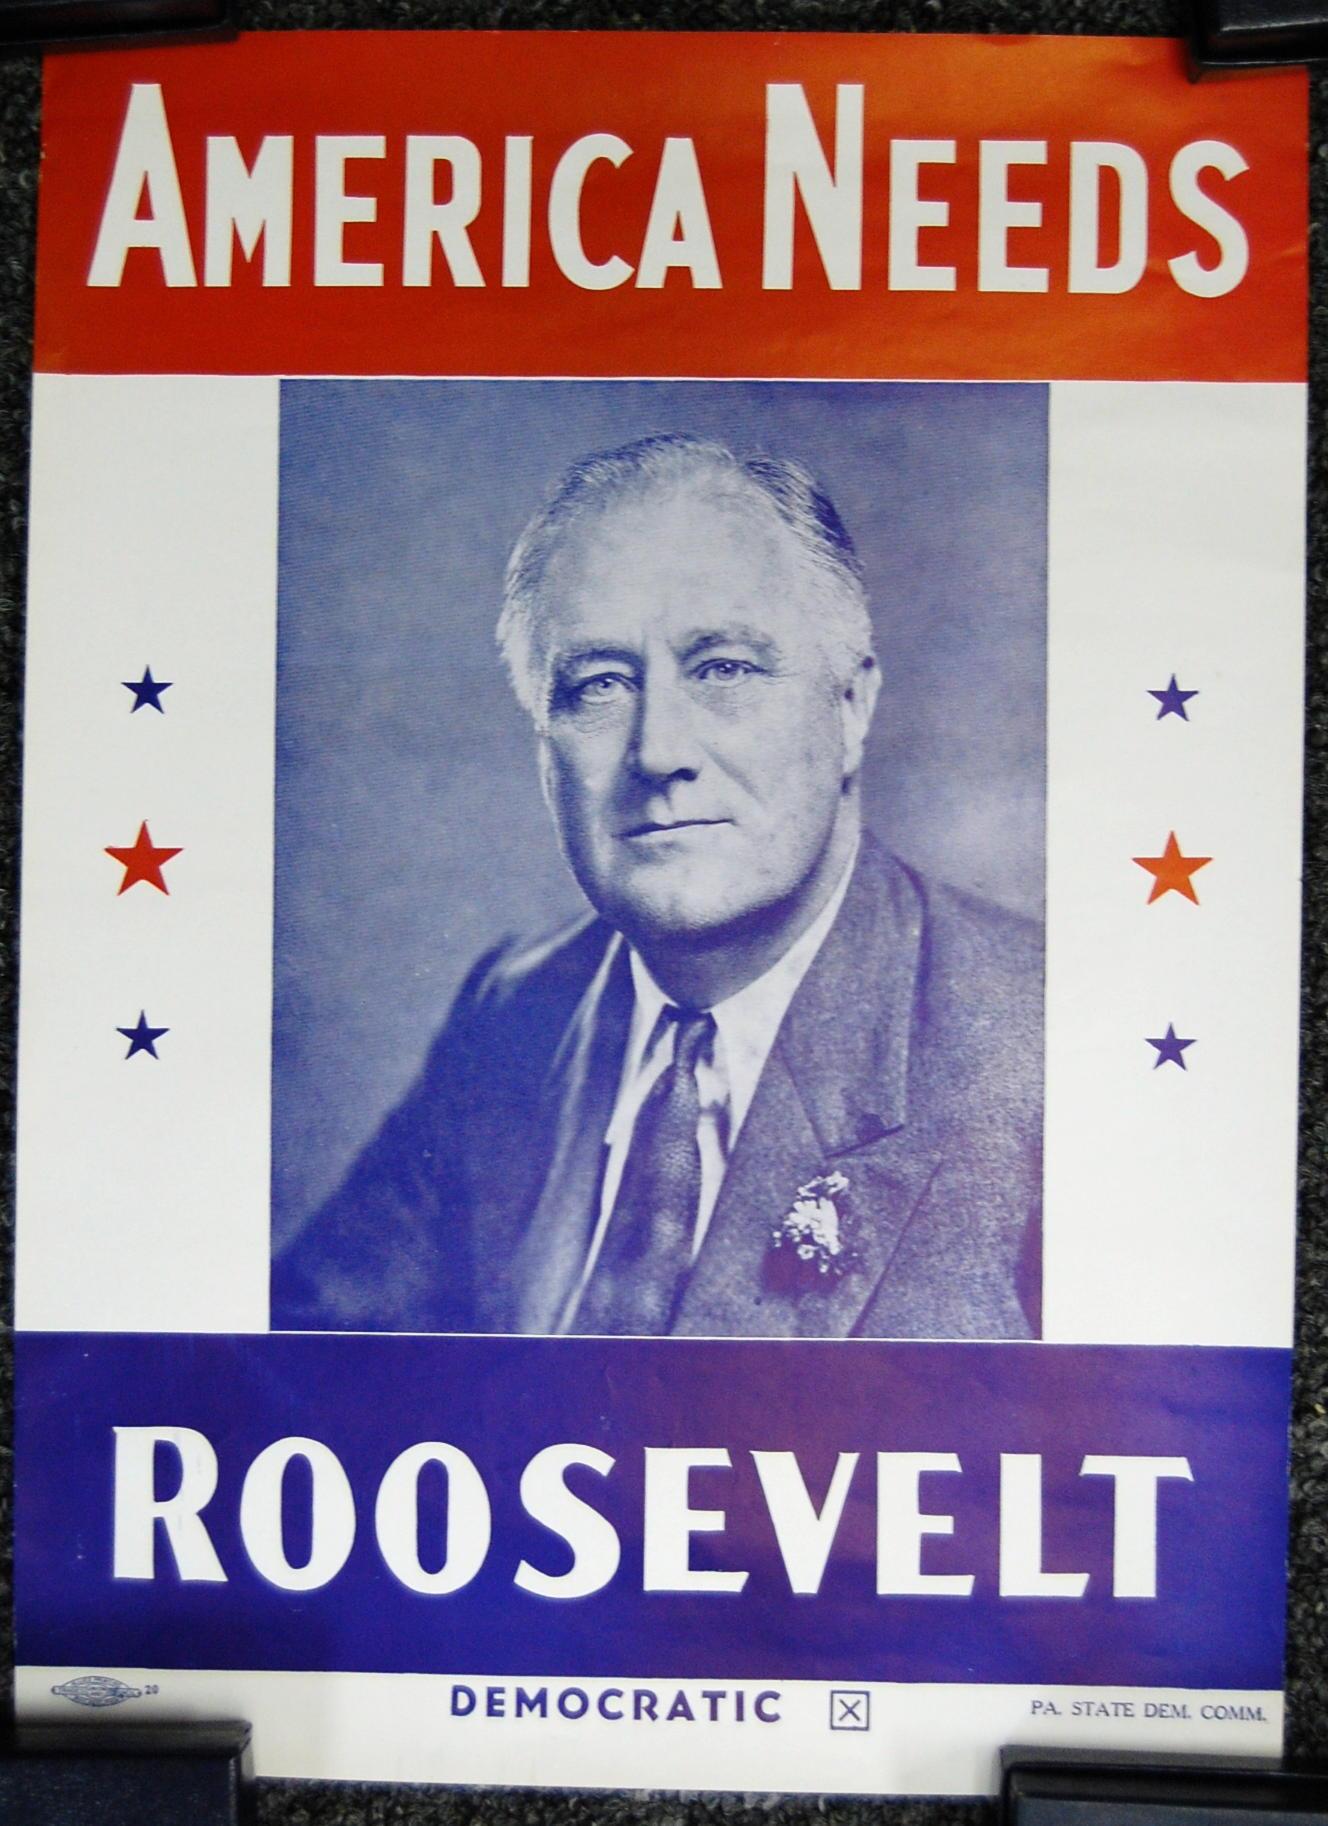 Valabil şi-n 1940, la fel de valabil şi azi: liderii politici adevăraţi au balls big enough.